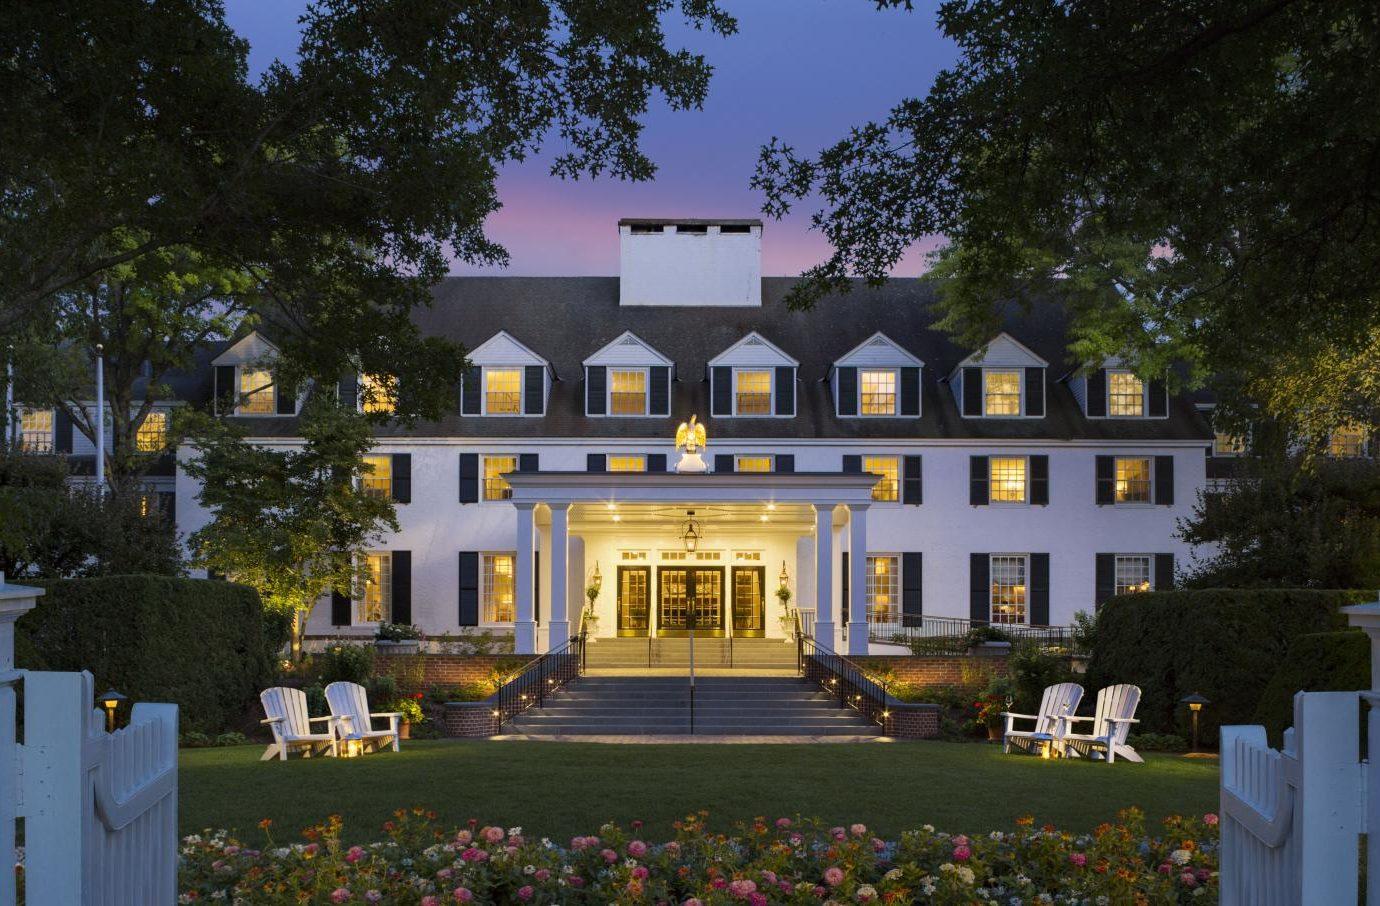 Exterior of Woodstock Inn & Resort at night